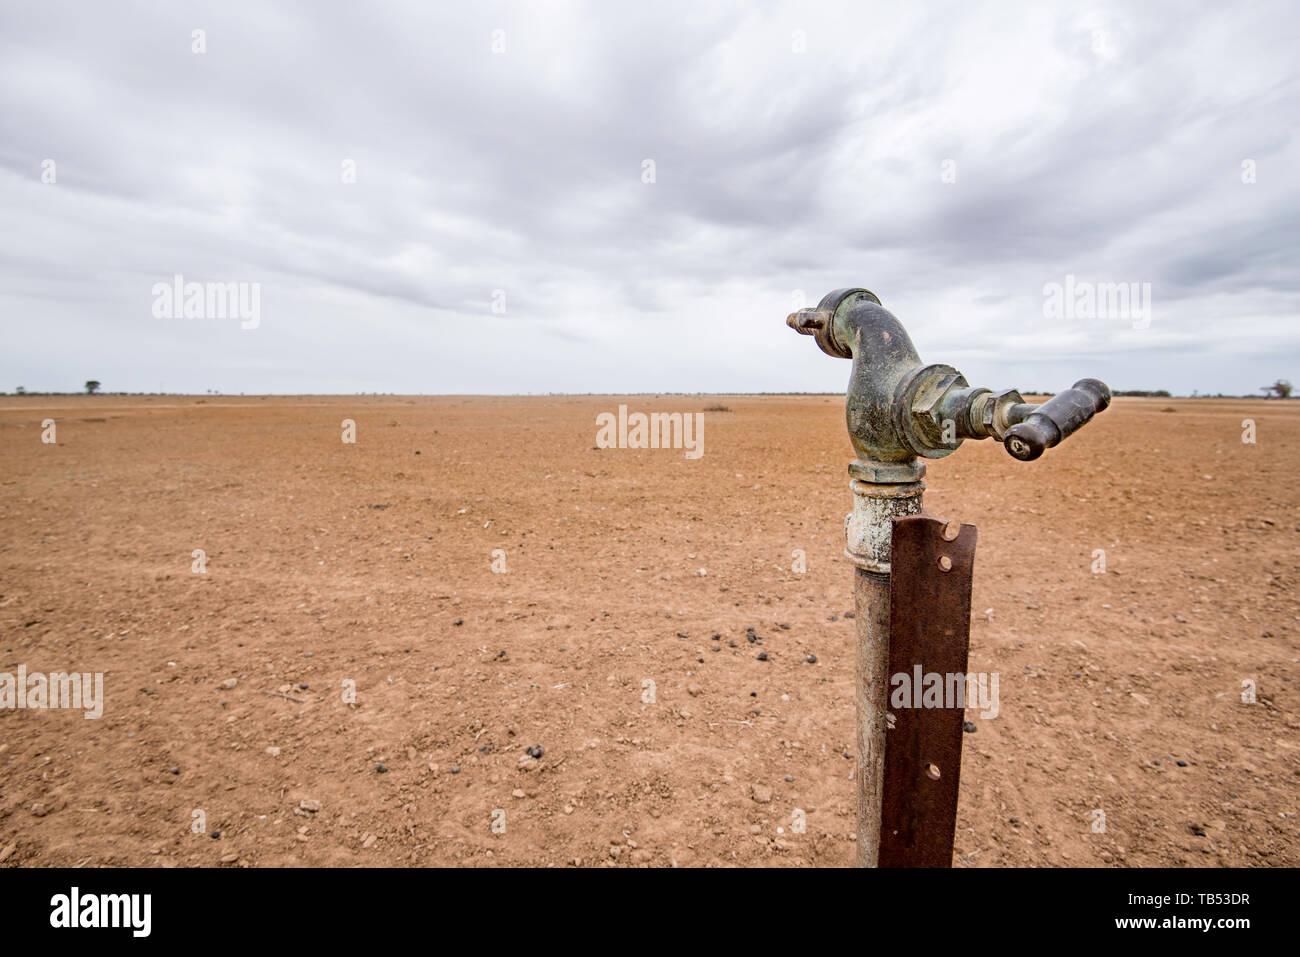 Un solitario tap (grifo) está inutilizable vacía junto a una presa en una sequía afectó a la propiedad en el noroeste de Nueva Gales del Sur, Australia Imagen De Stock